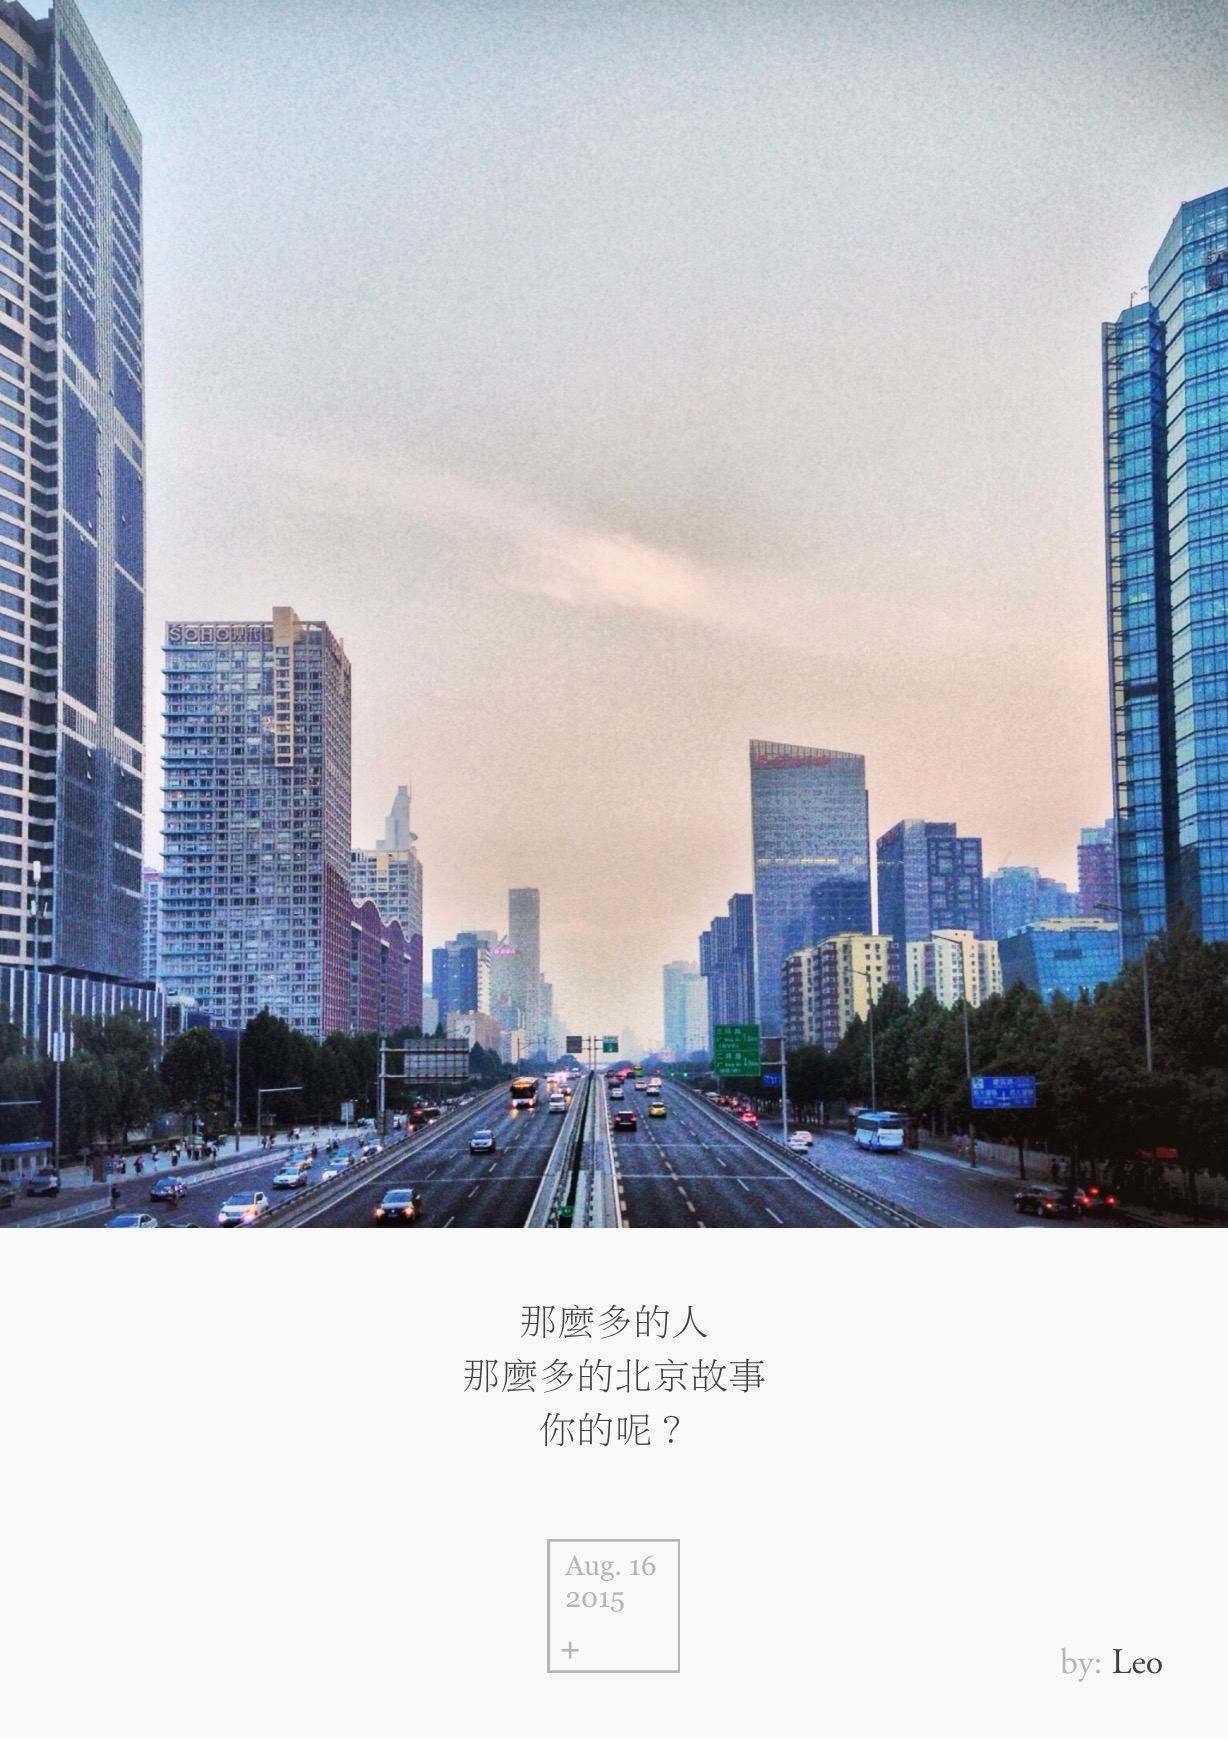 北京 城市 夕阳